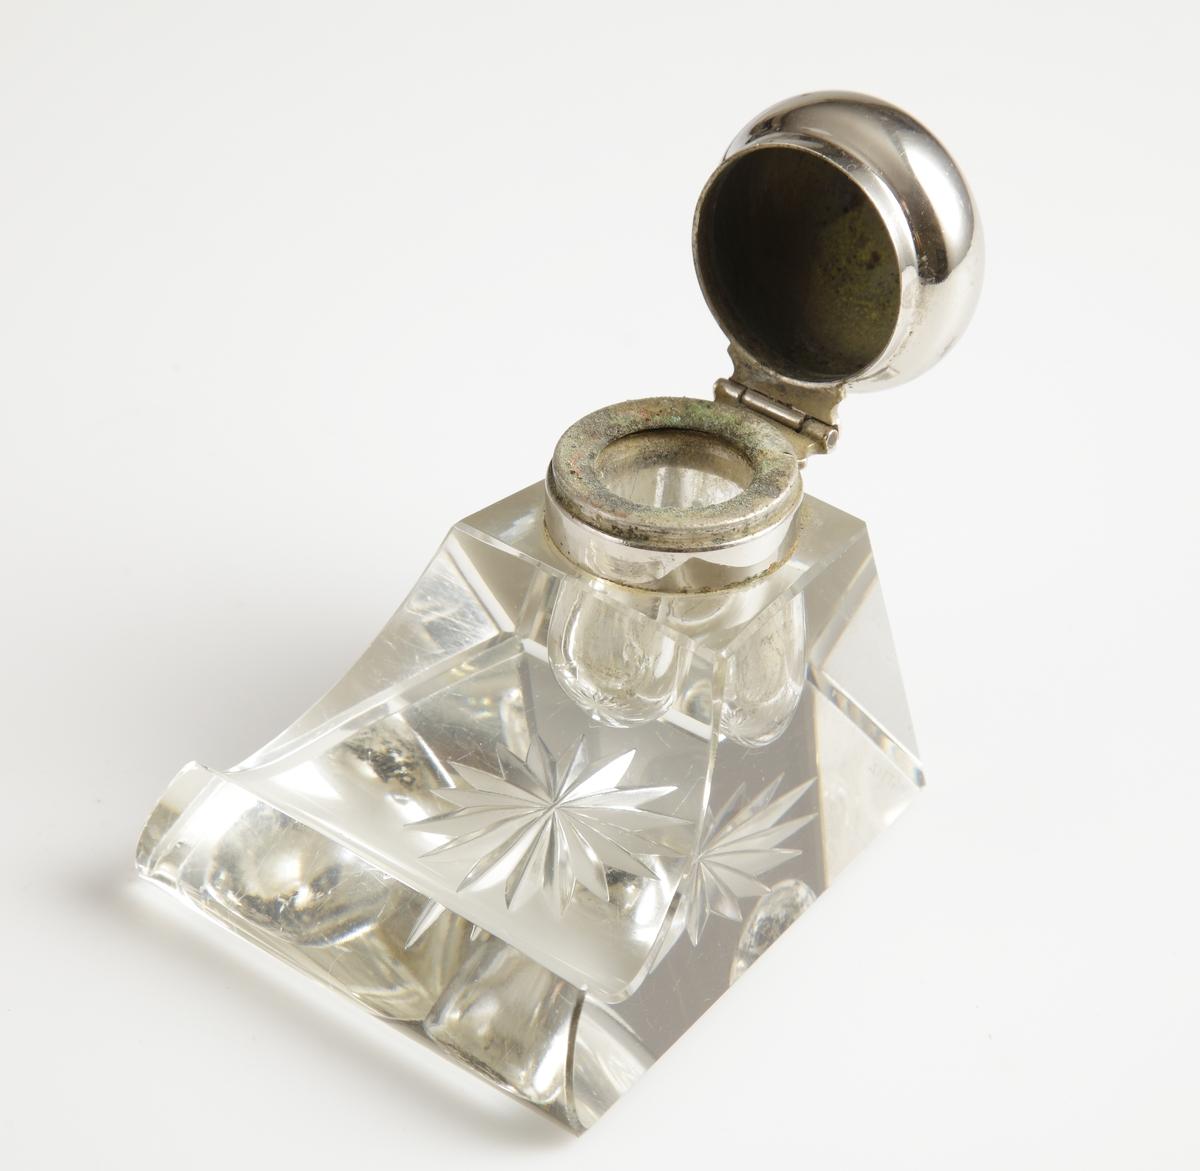 """Bläckhorn av glas, med mynning och lock i ostämplat nysilver. Glaset är gjutet och sedan """"formslipat"""" med lutande sidor och längst fram en vagga till bläckpennan. Underst en skärslipad stjärna."""